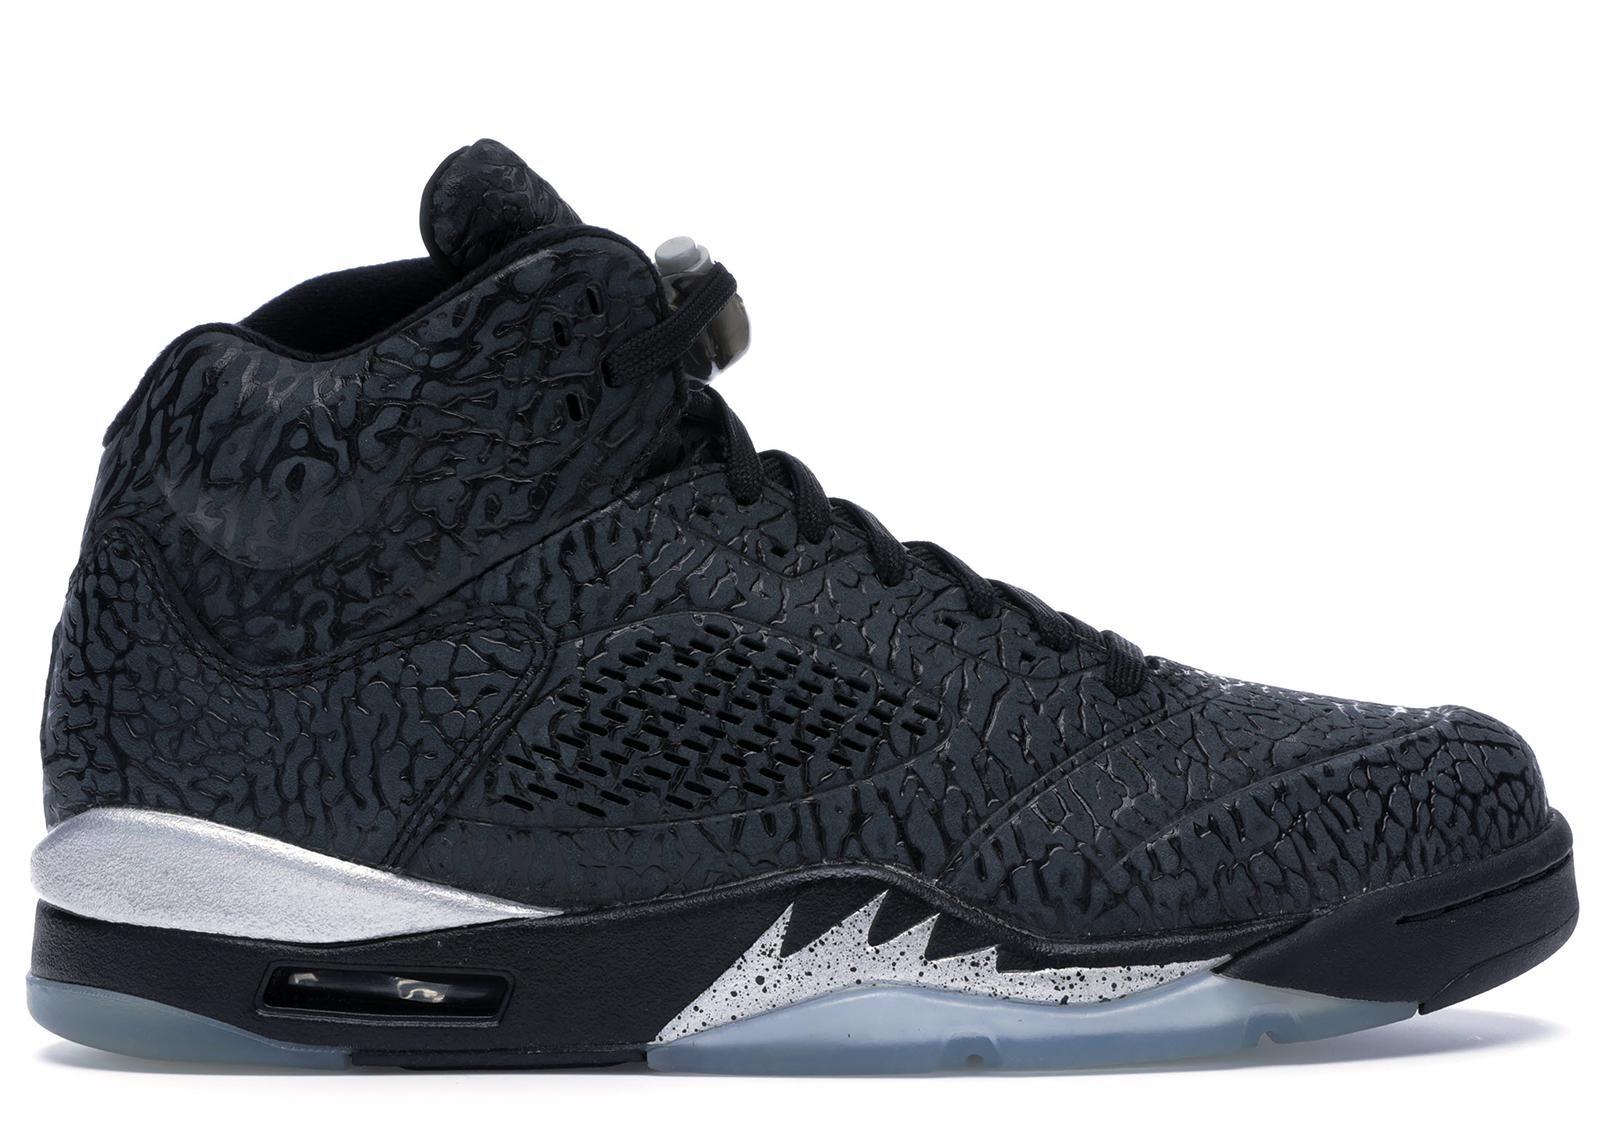 Jordan 5 Retro 3Lab5 Black Silver